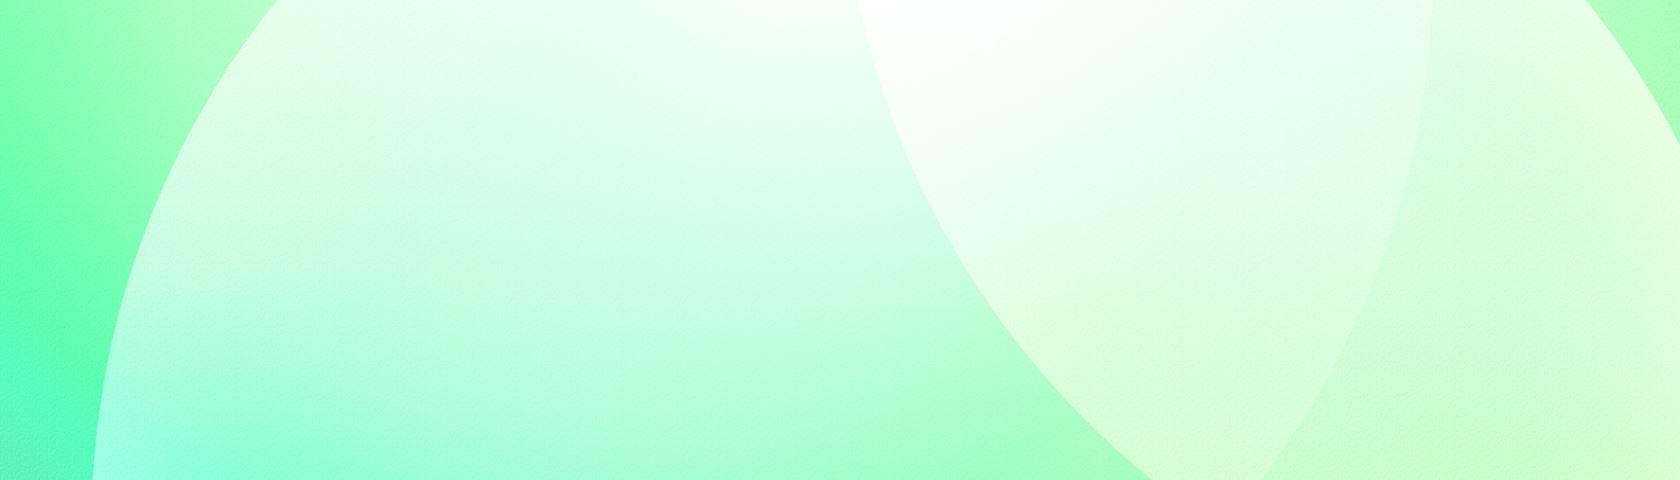 Circlors 03